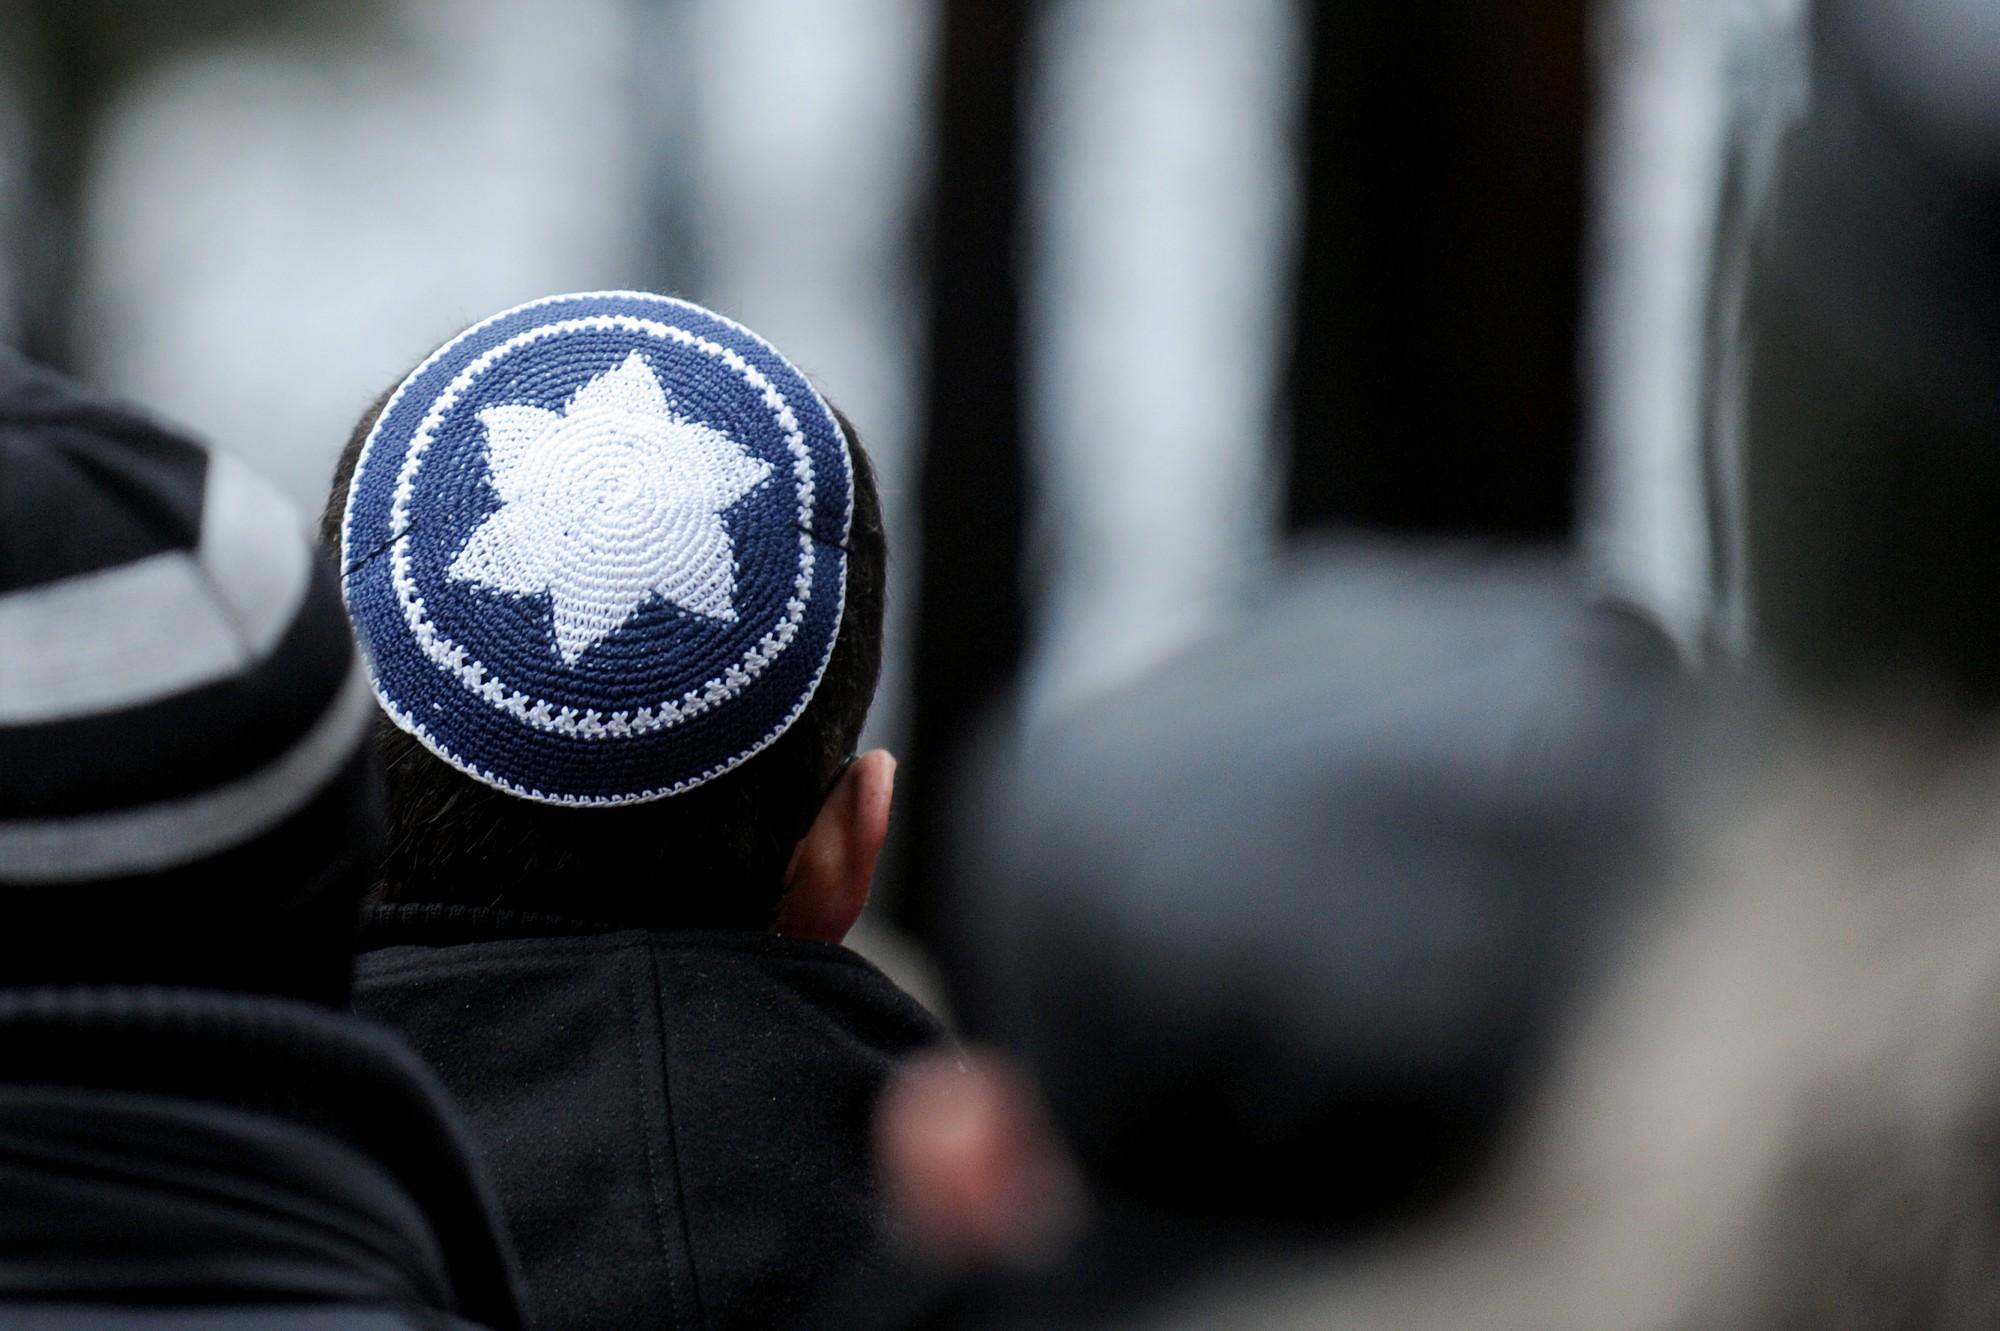 Вопрос о реституции еврейской собственности предложено решить выплатой компенсации в размере 40 млн евро